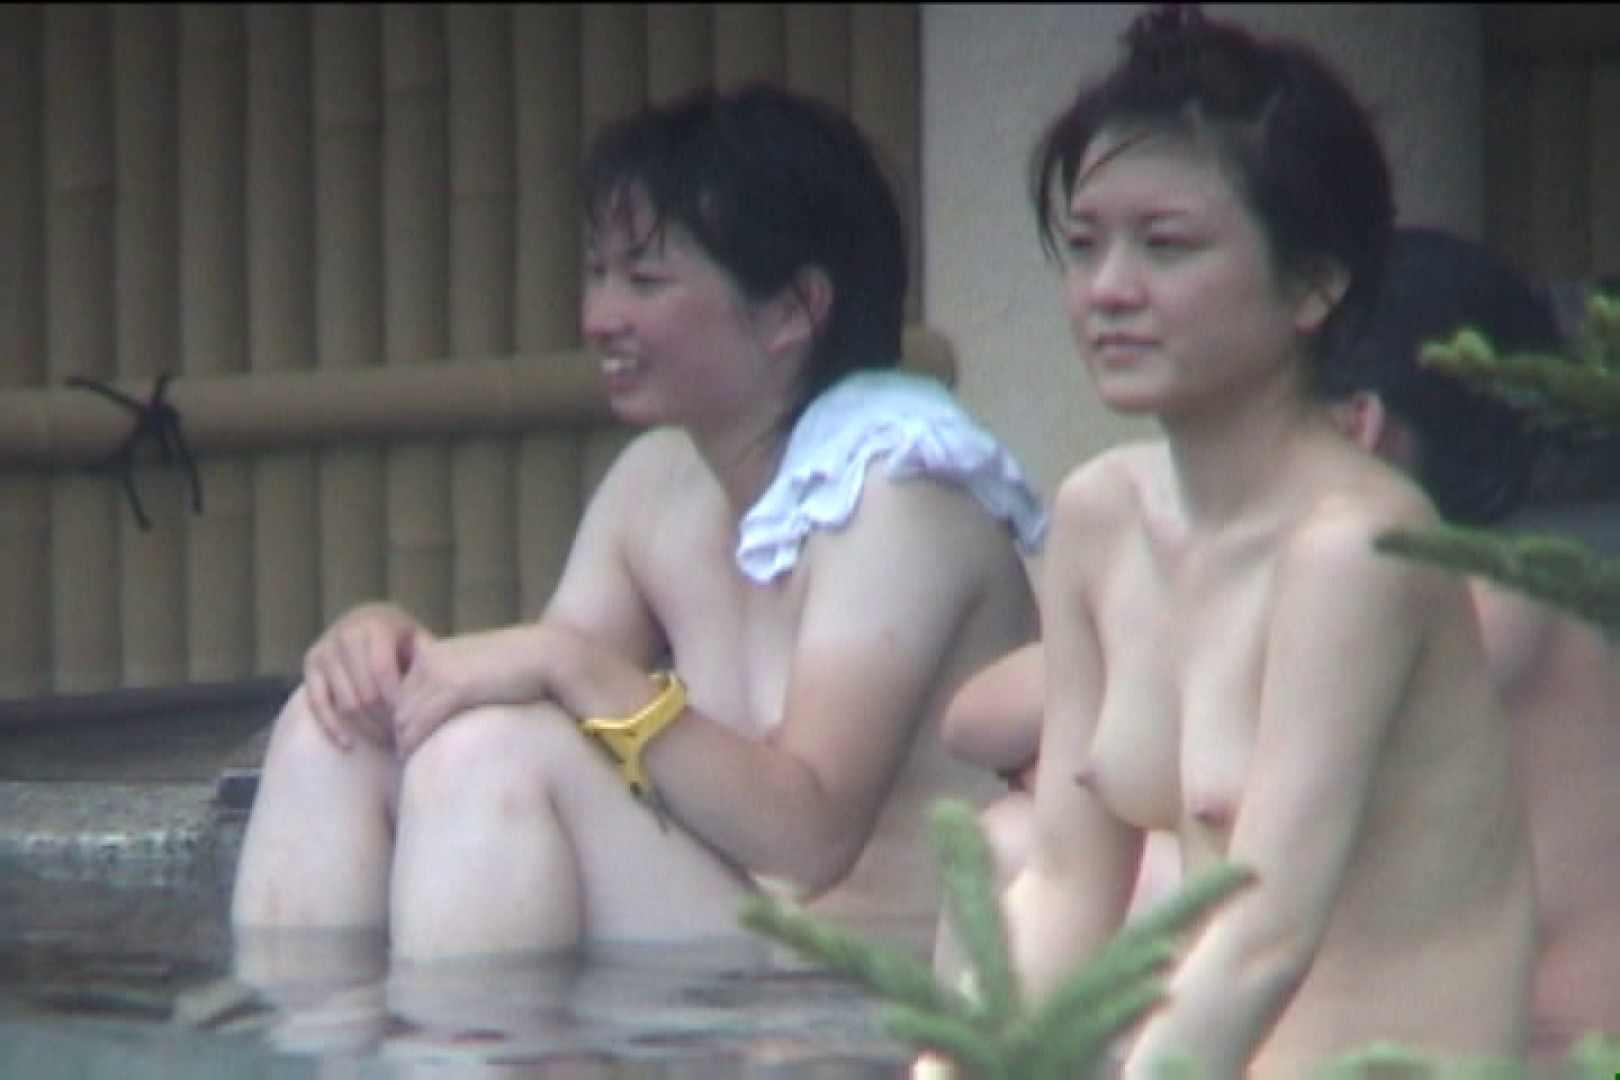 Aquaな露天風呂Vol.94【VIP限定】 露天風呂 | 盗撮動画  11枚 3